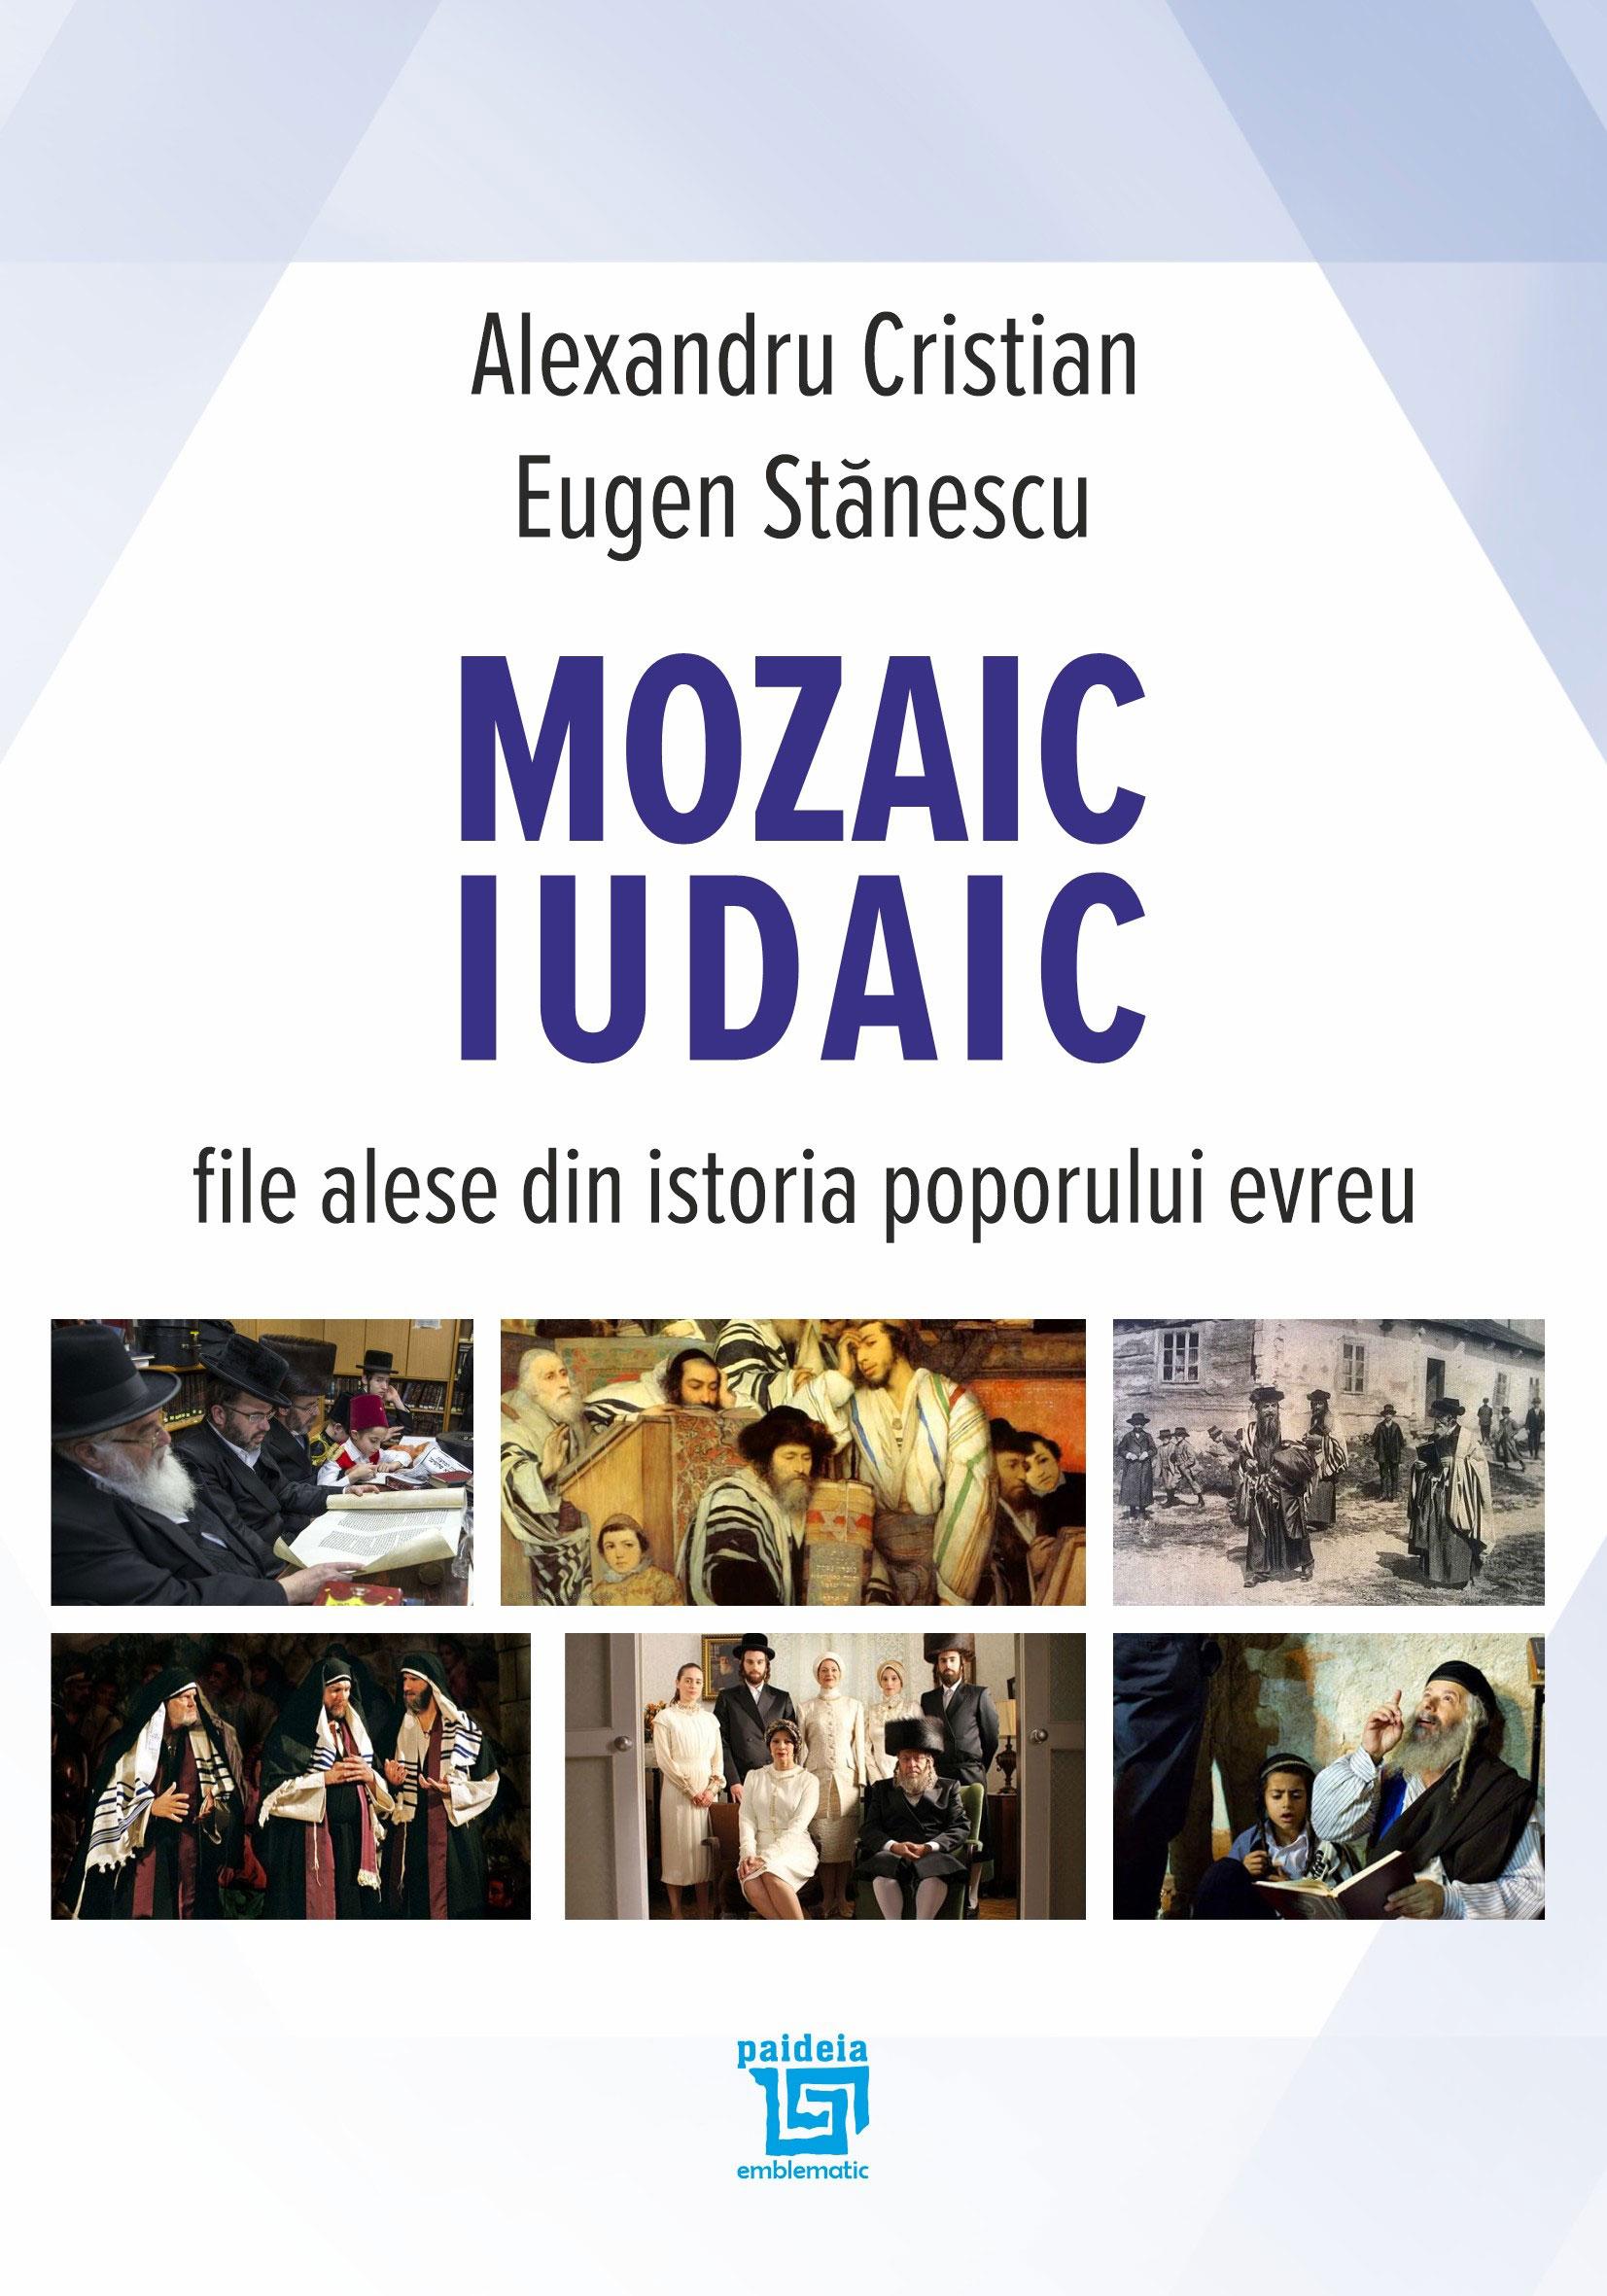 Alexandru CRISTIAN, Eugen STANESCU - Mozaic iudaic. File alese din istoria poporului evreu